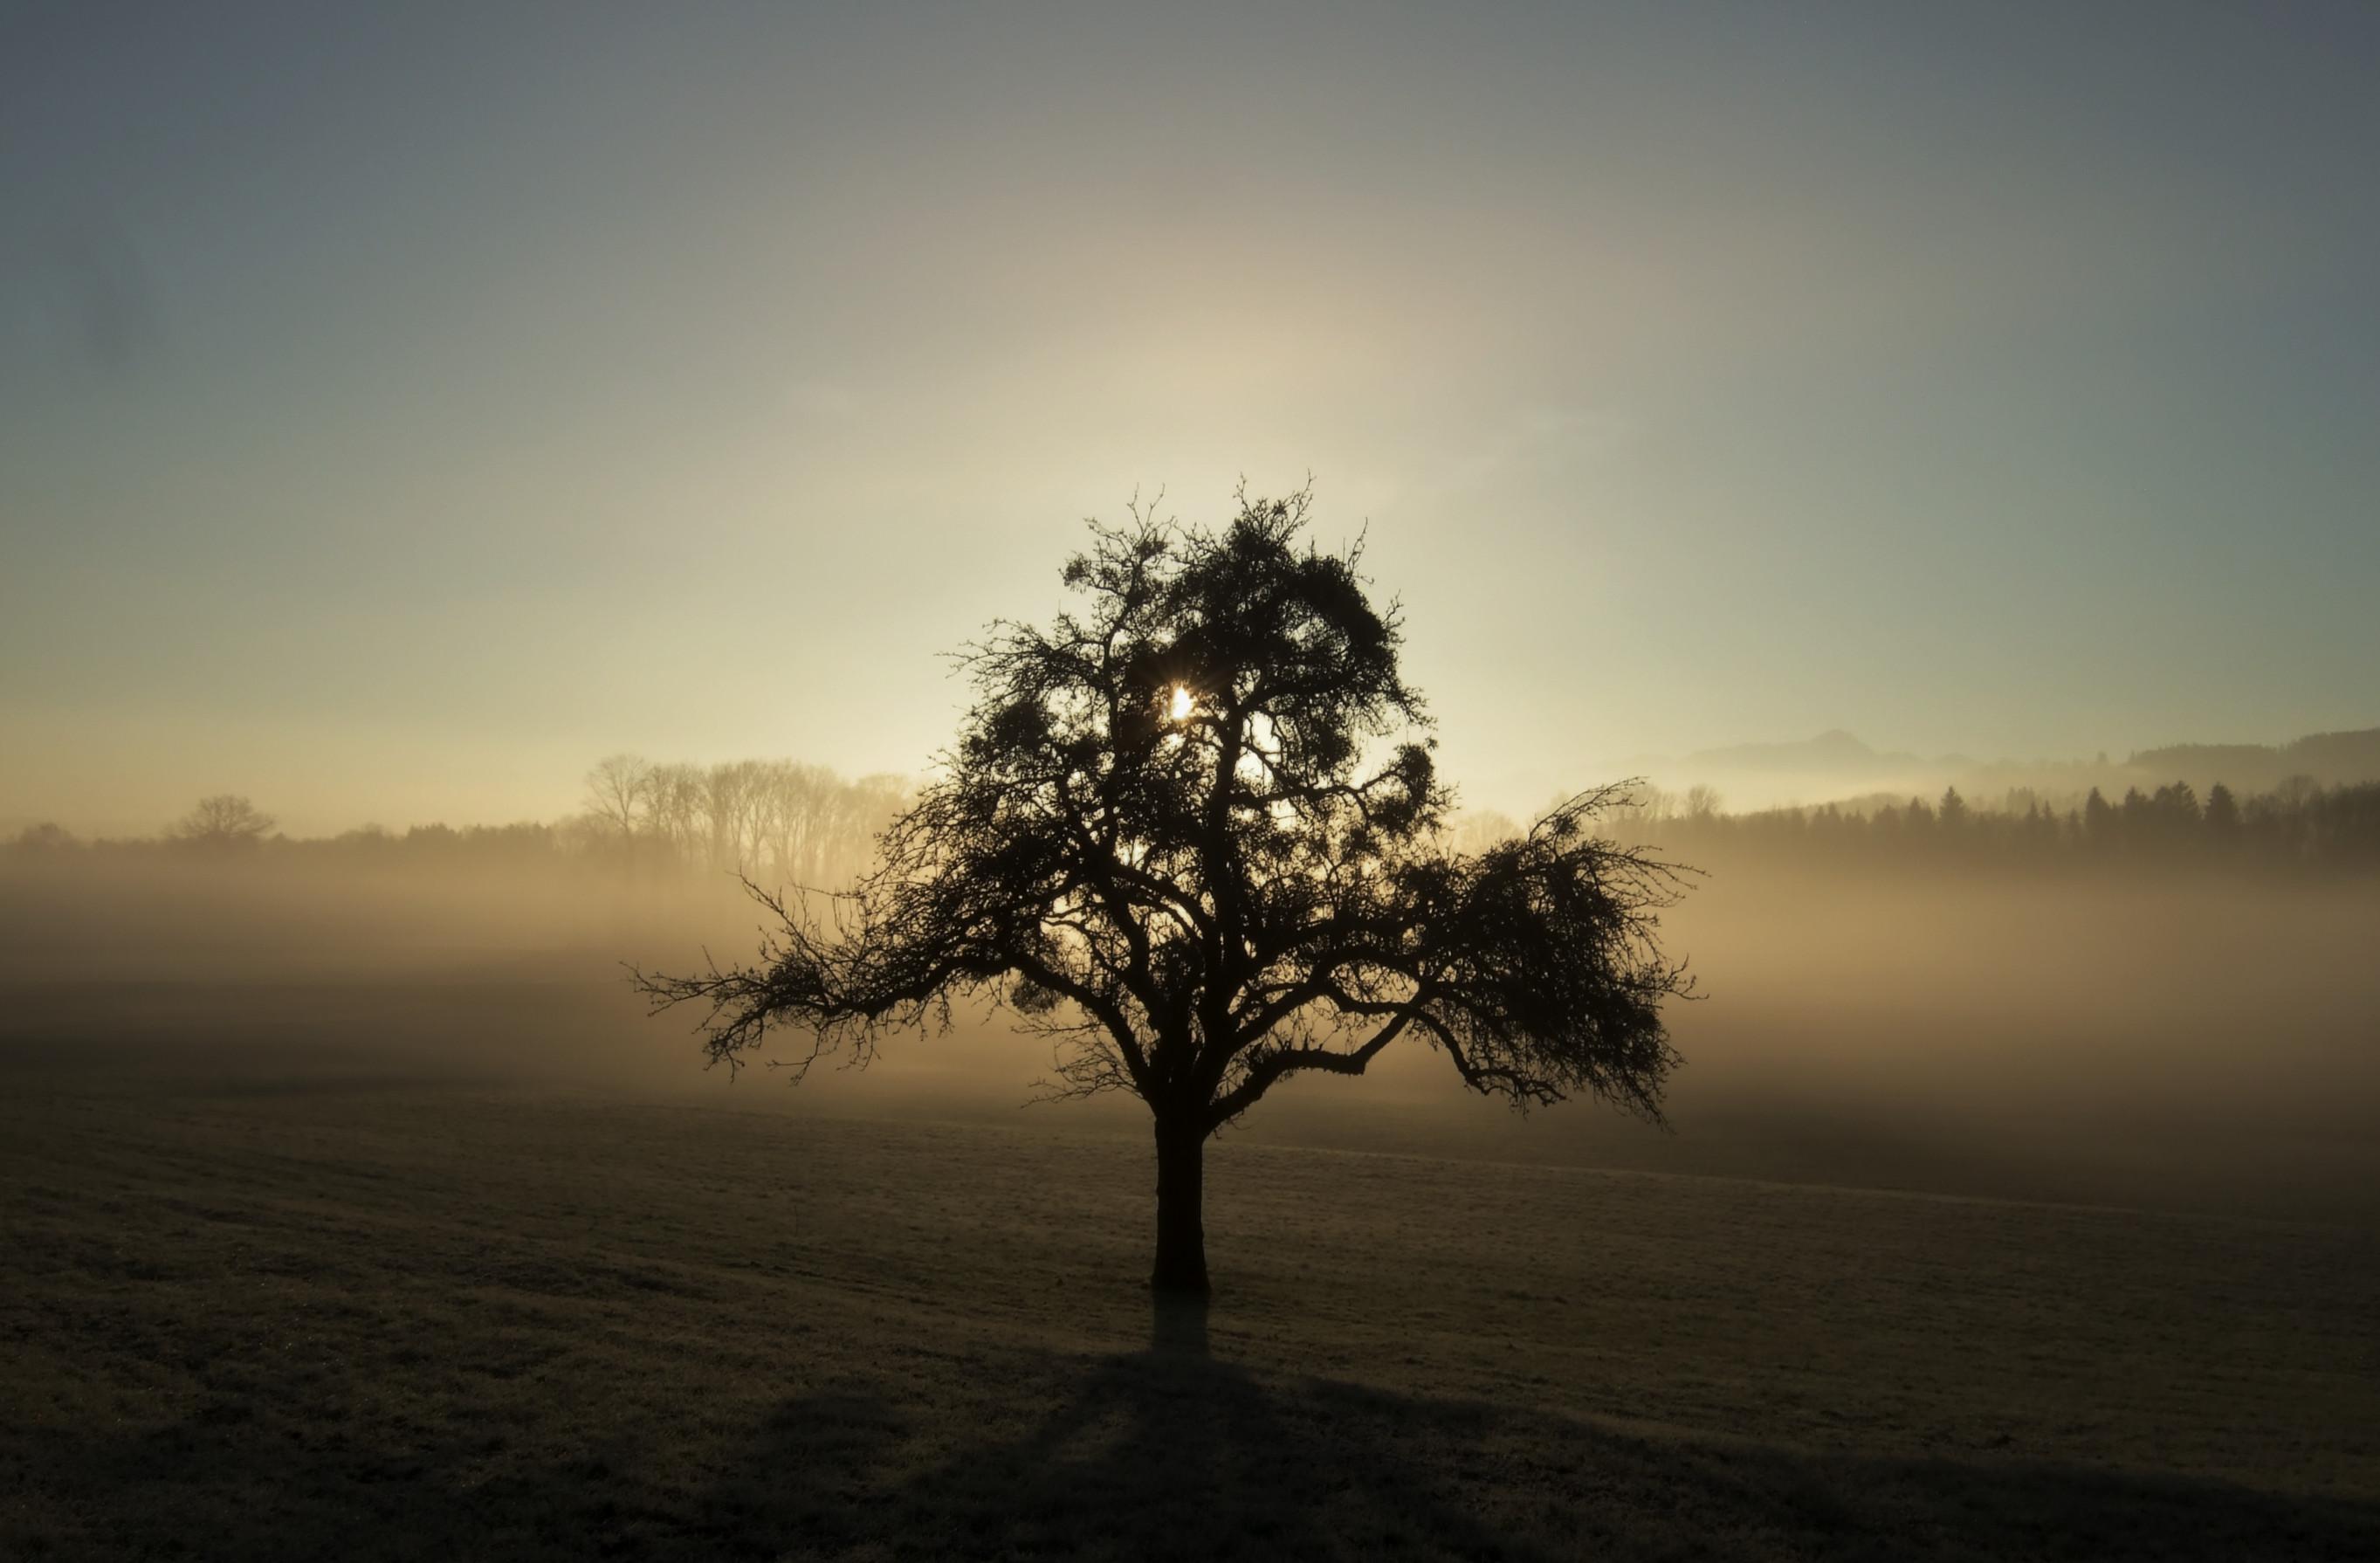 15.01.2014, Morgensonne in Weieren mit Säntis (HDR)